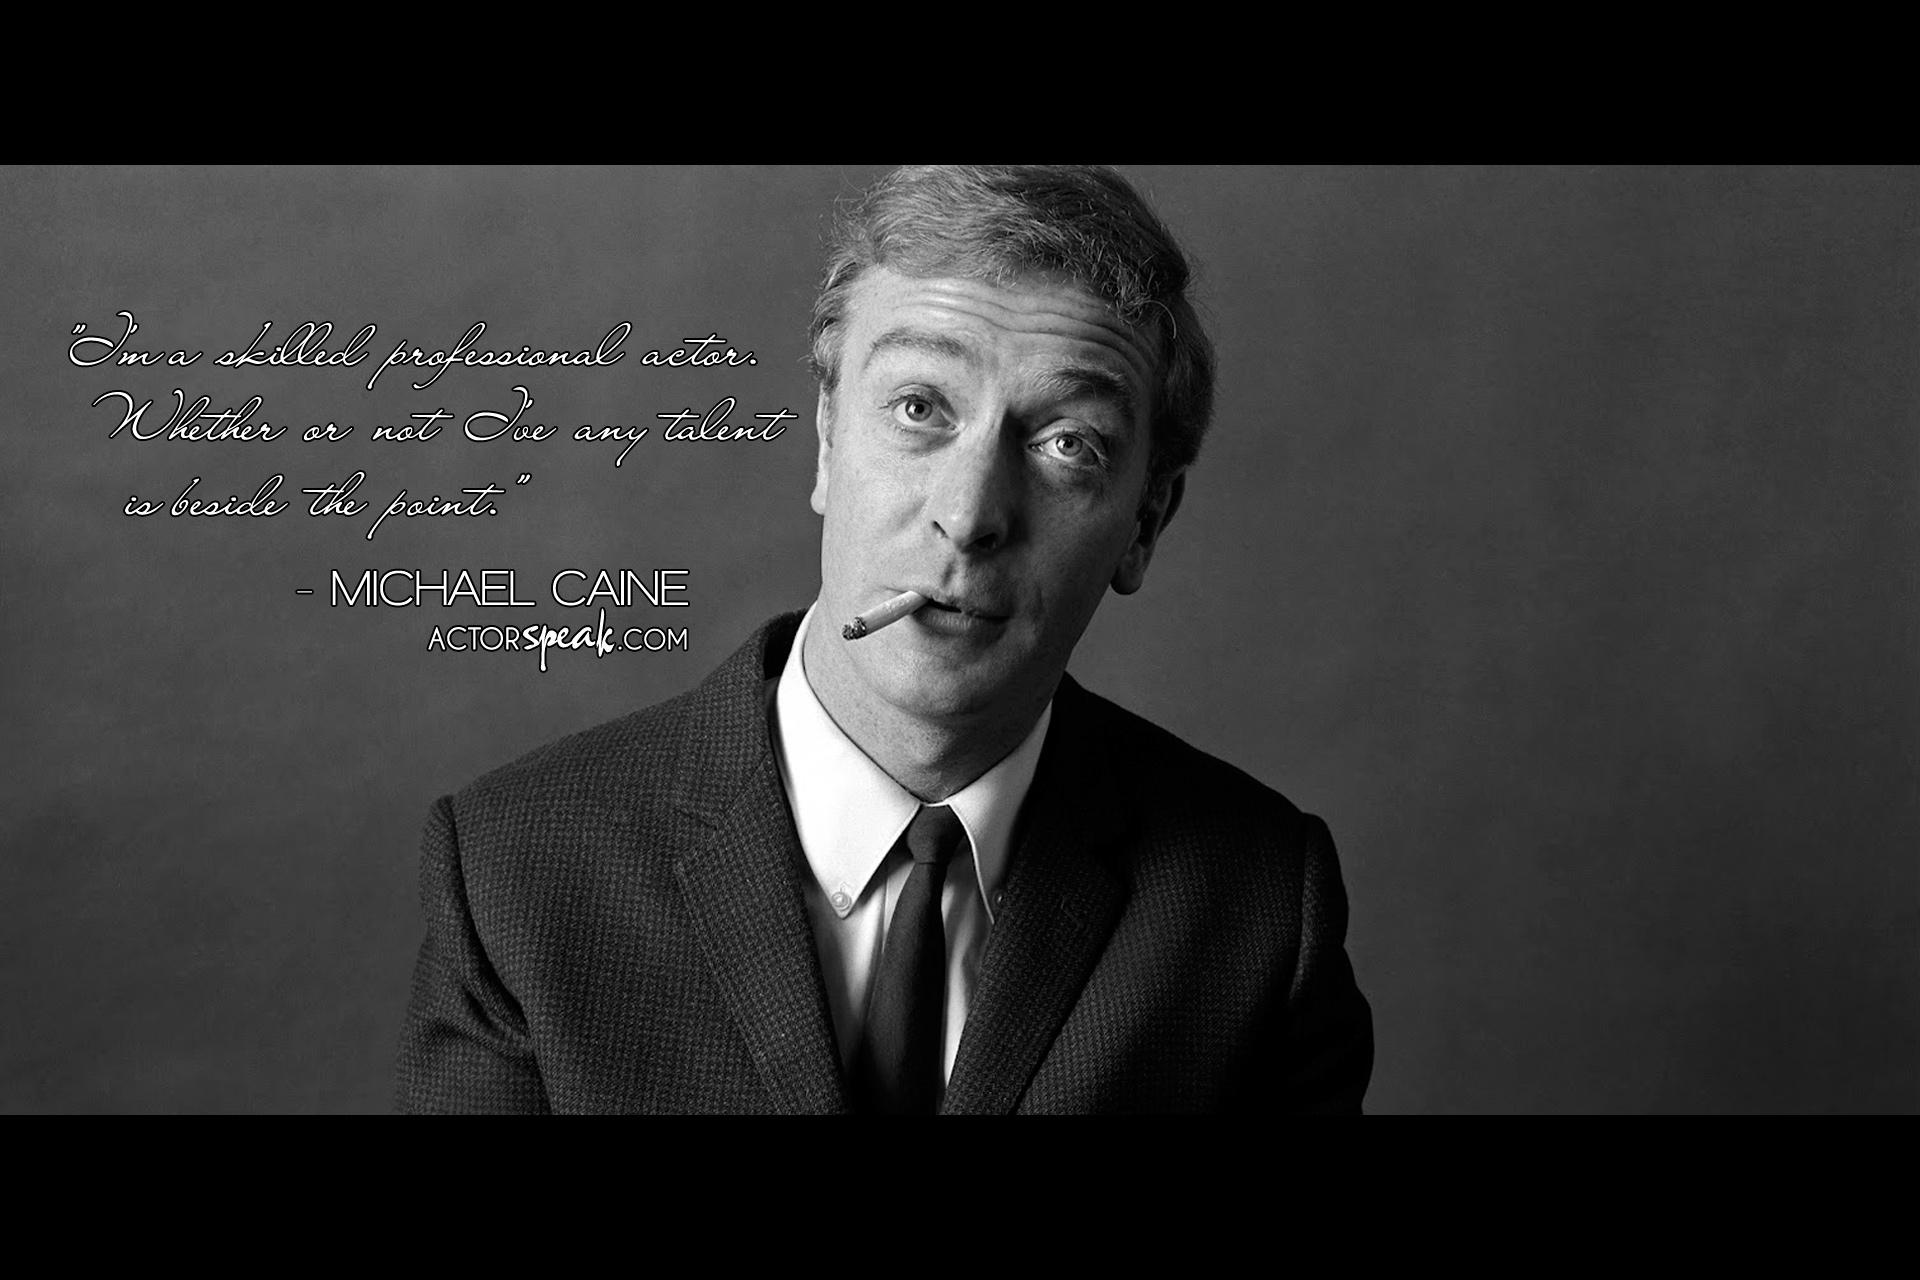 Film Actors quote #2